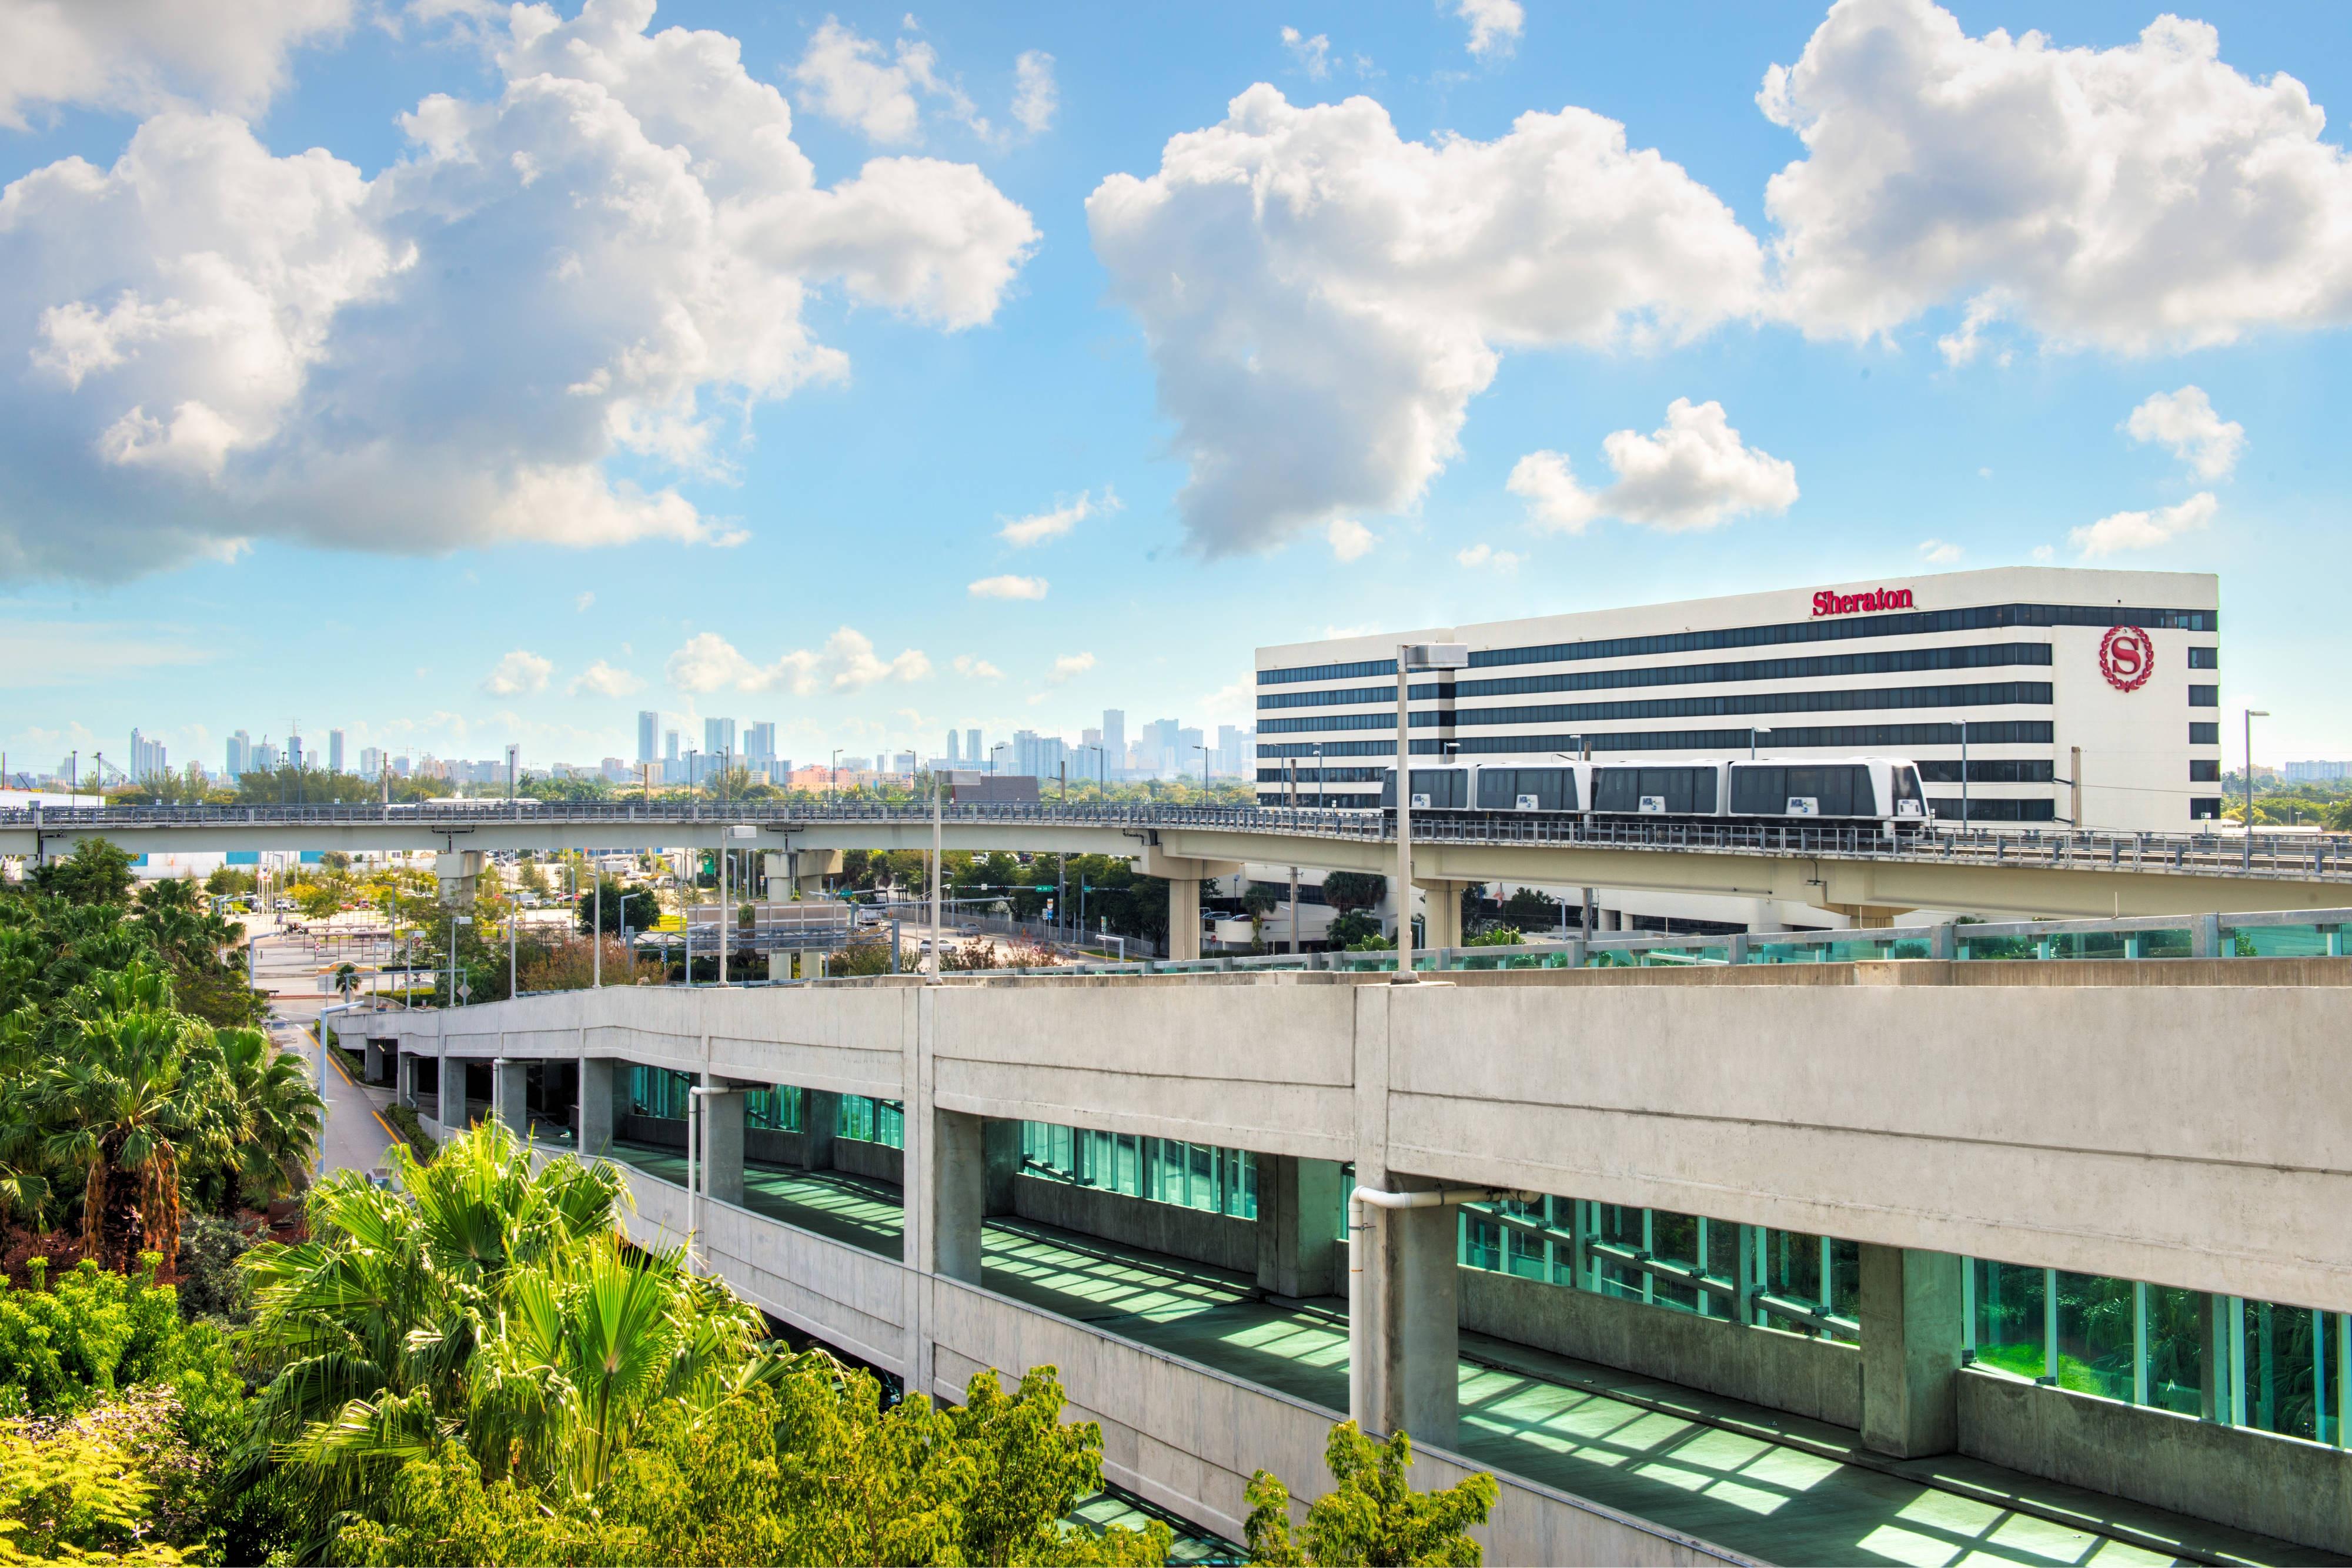 Intermodal Center View to Exterior